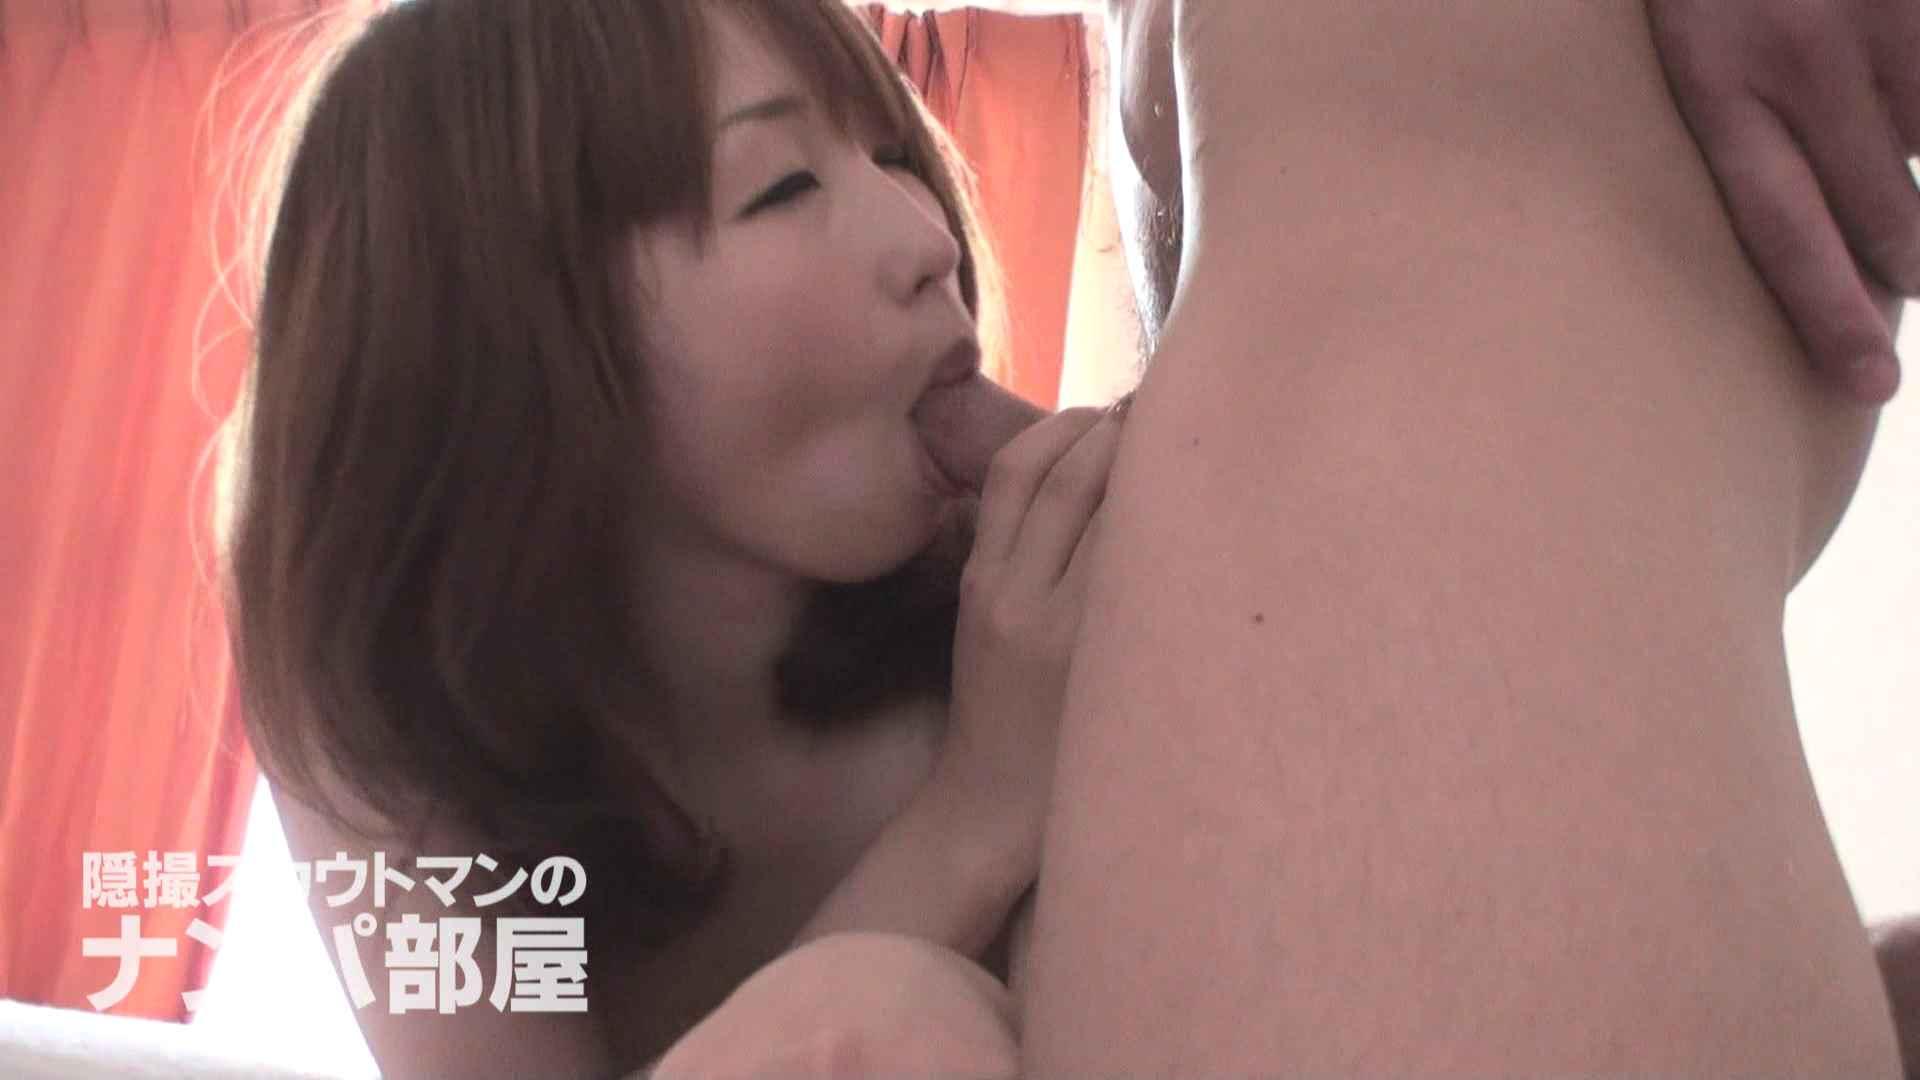 隠撮スカウトマンのナンパ部屋~風俗デビュー前のつまみ食い~ siivol.4 中出し エロ無料画像 74pic 43